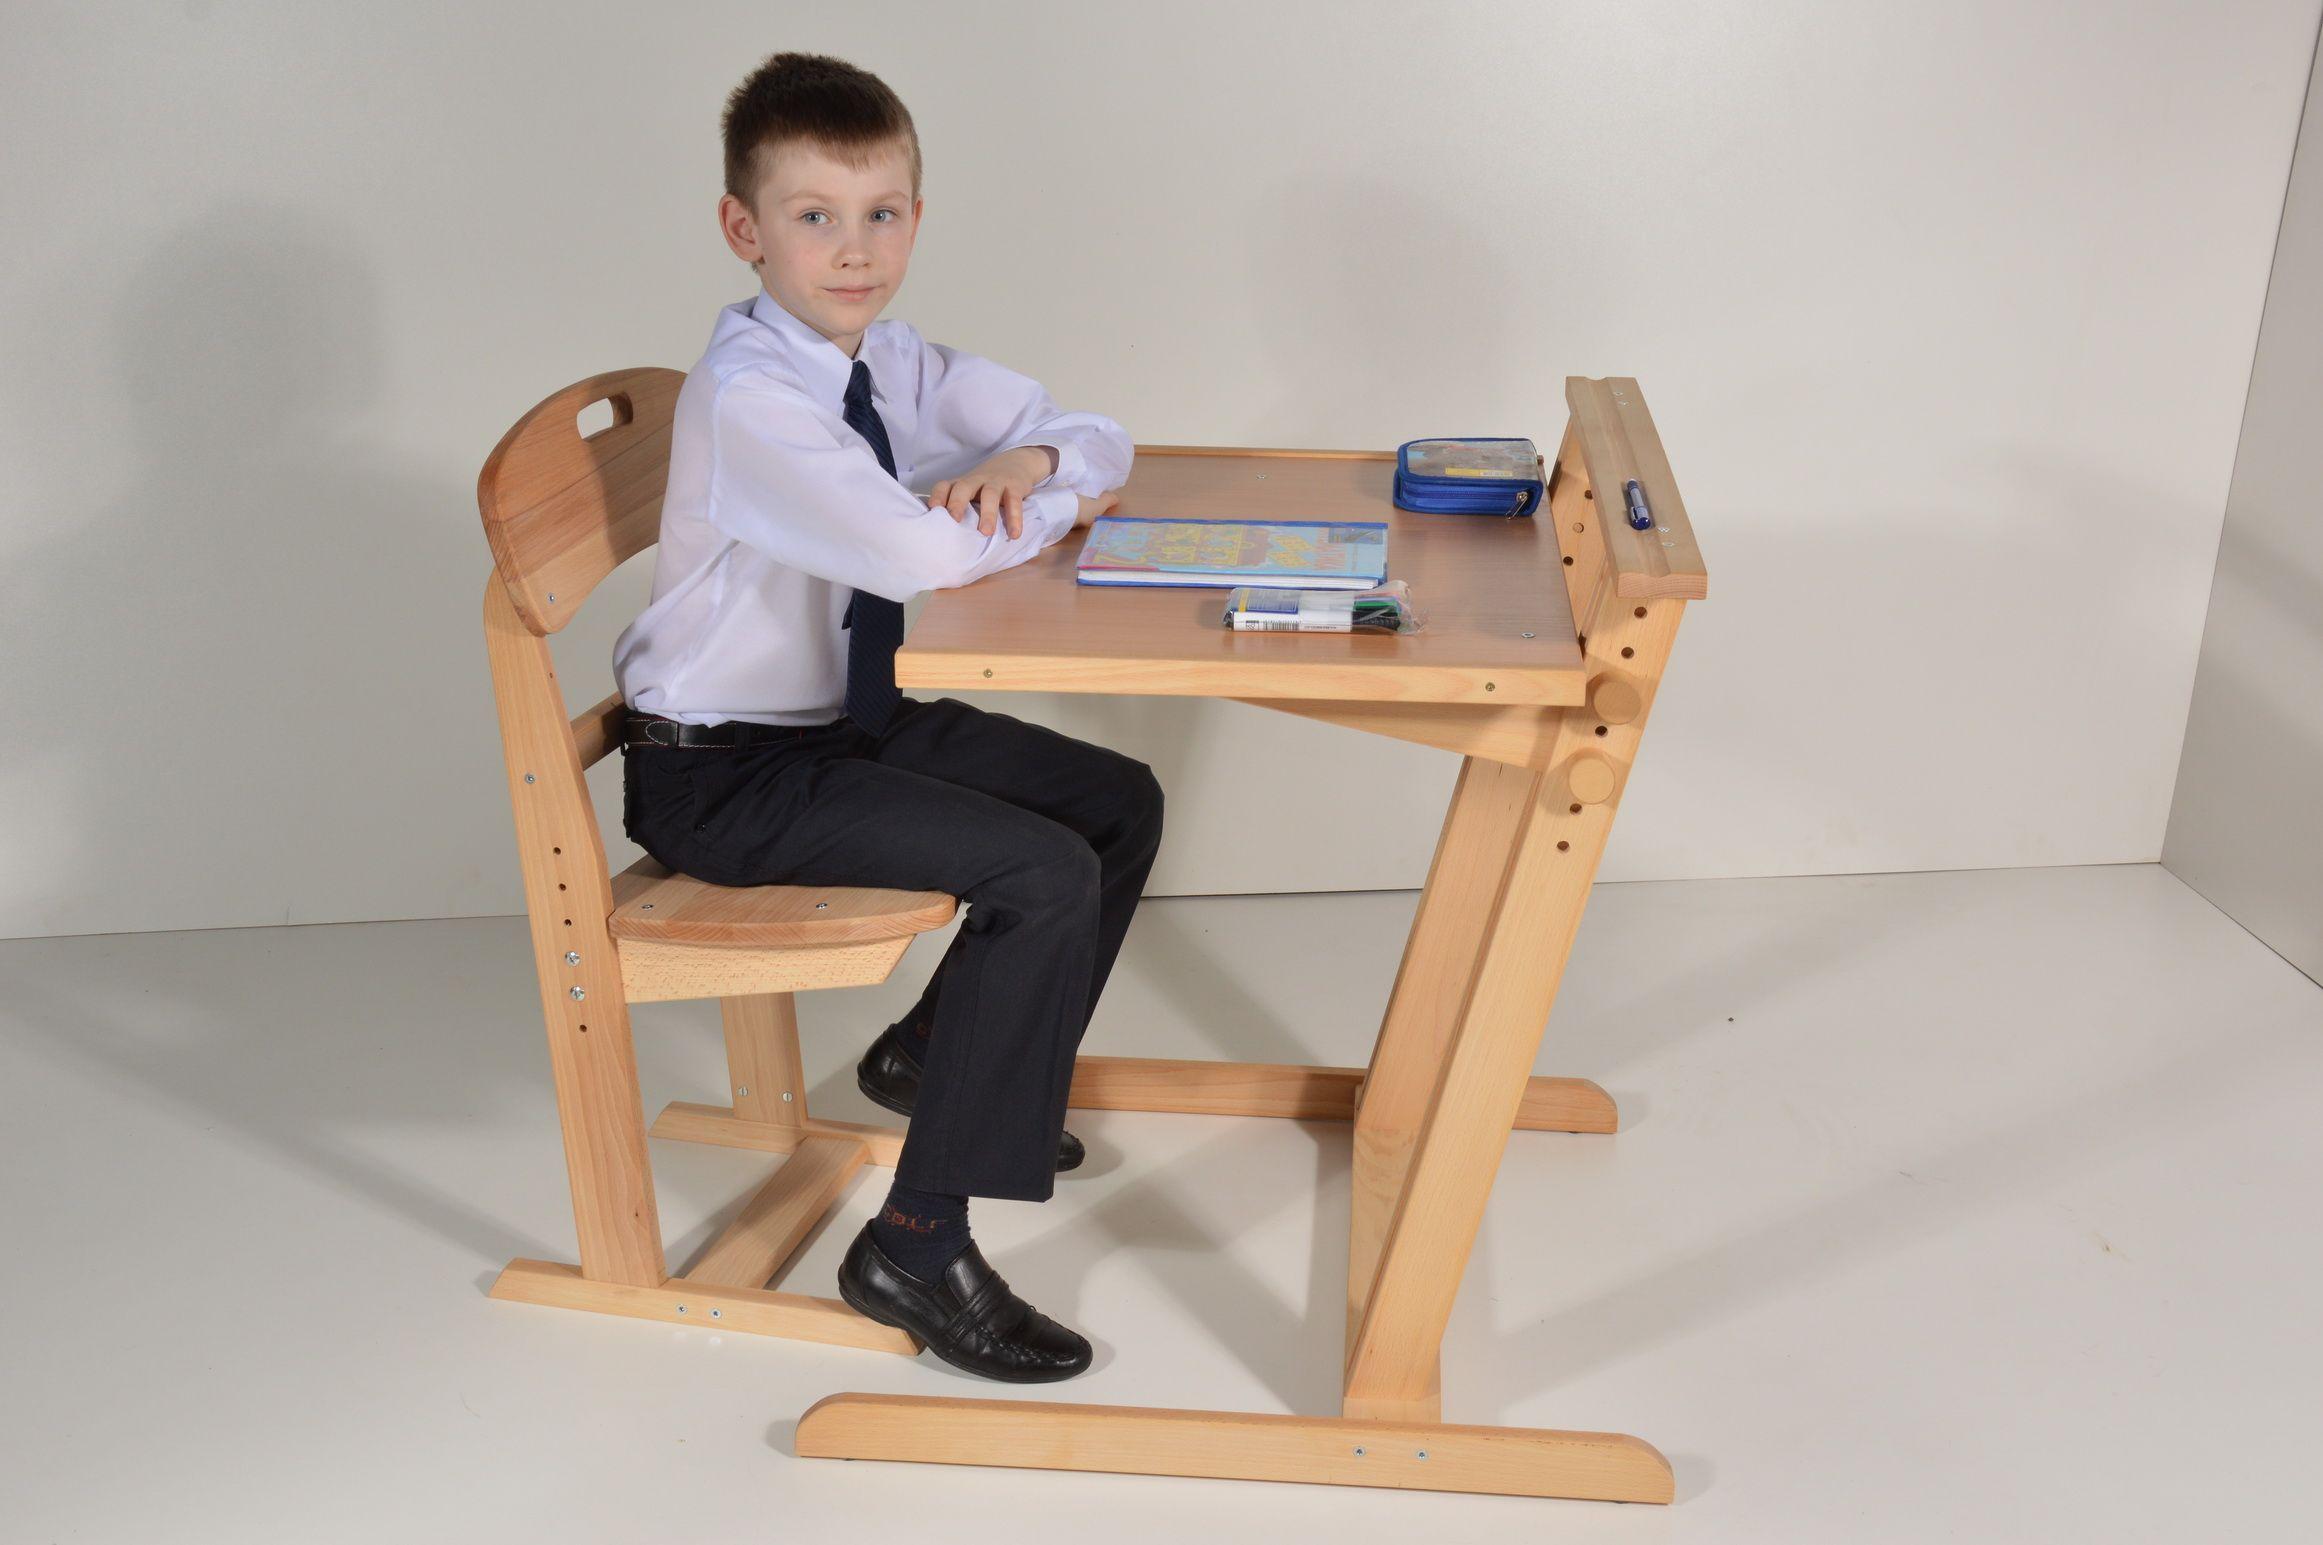 Стул парта (37 фото): детская школьная письменная мебель ...